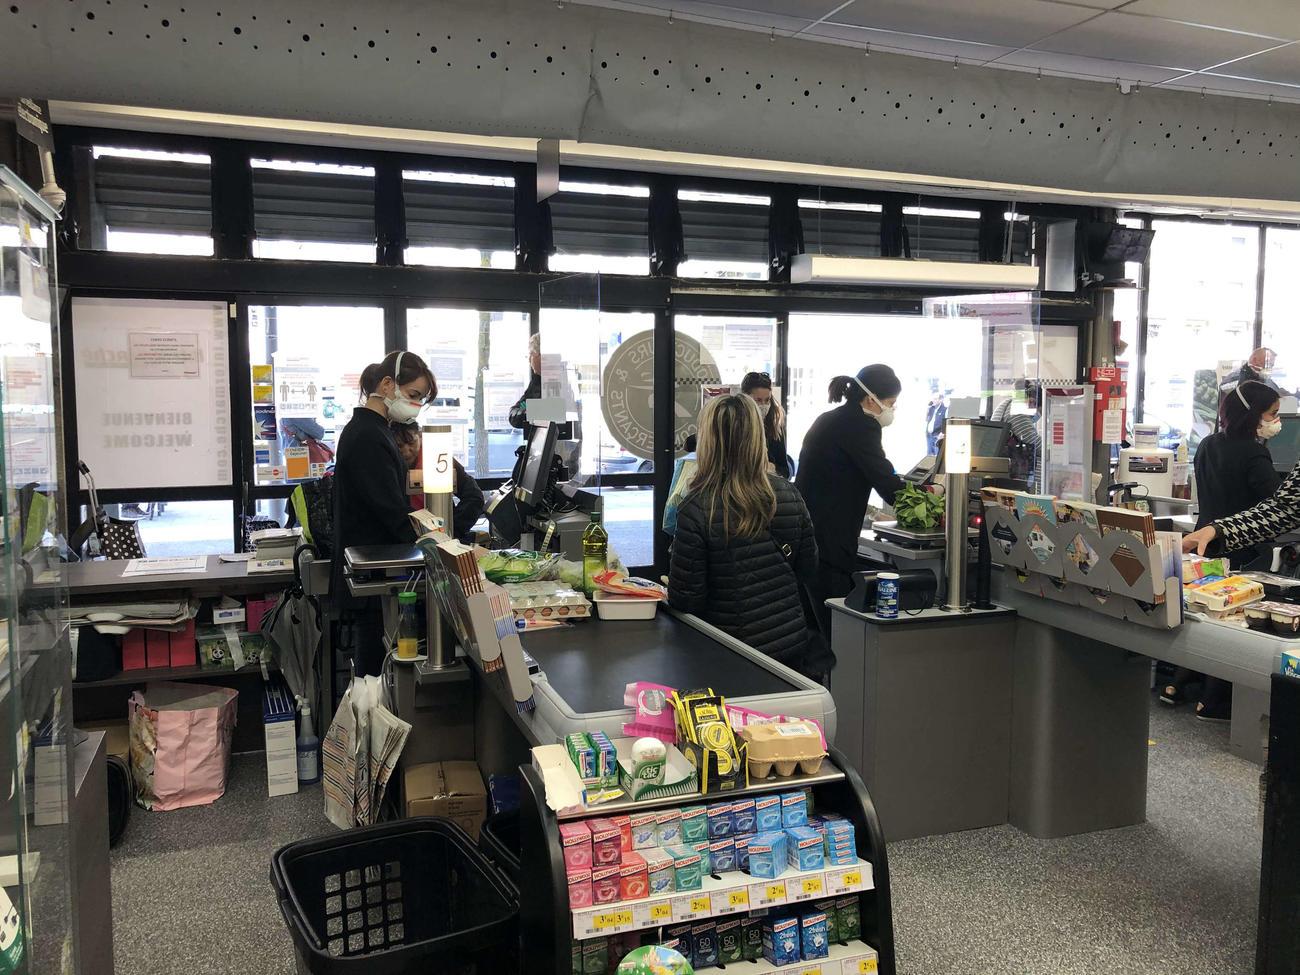 スーパーのレジ係の前はガラスで仕切られている